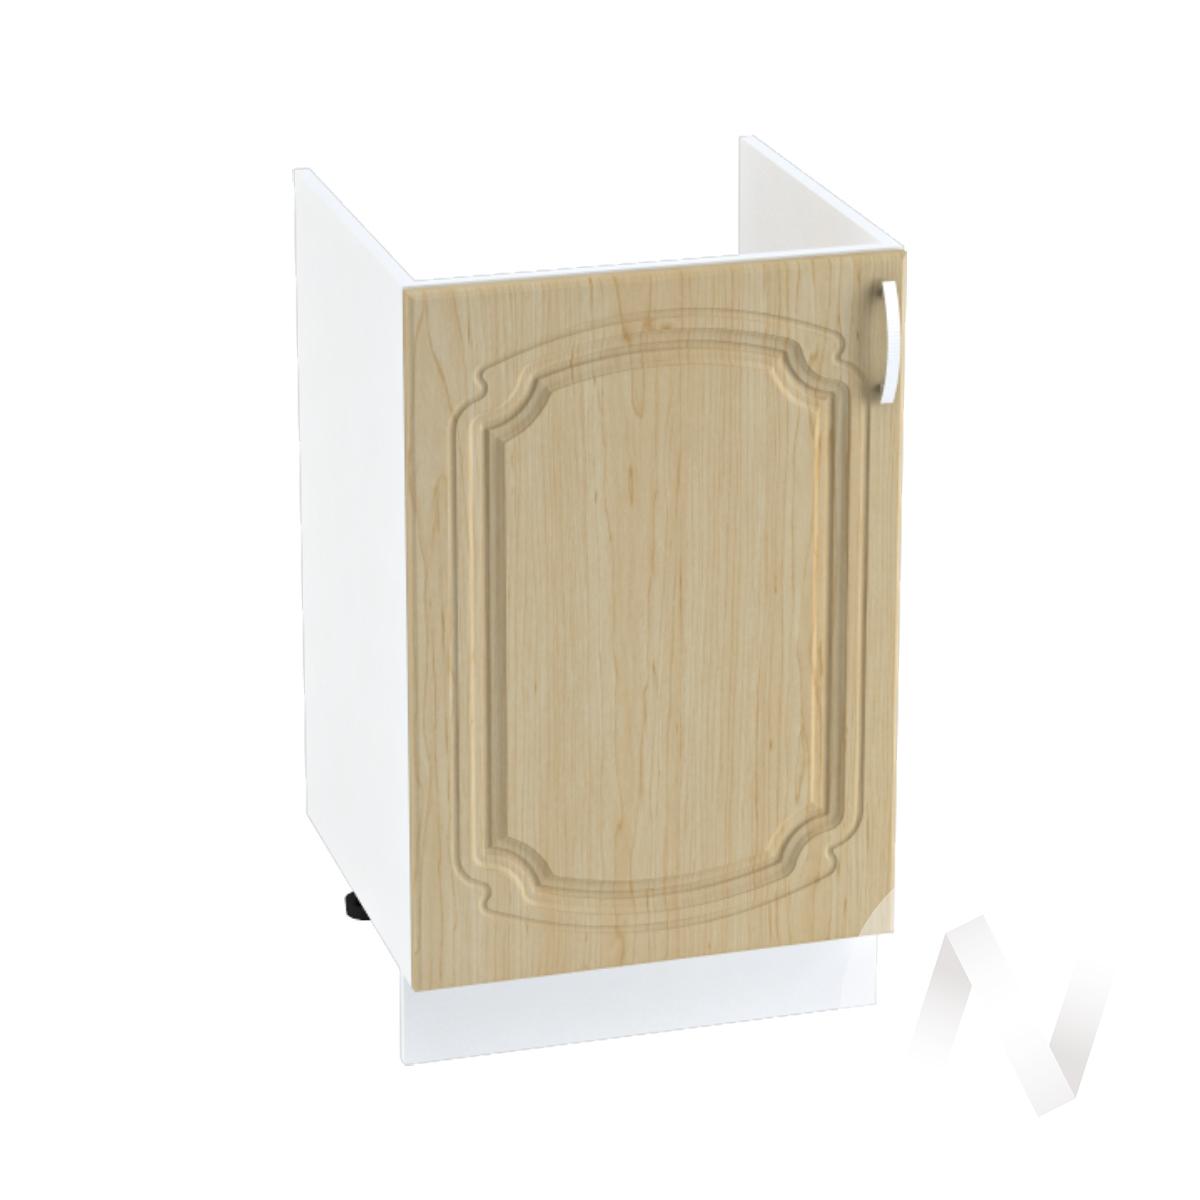 """Кухня """"Настя"""": Шкаф нижний под мойку 500, ШНМ 500 (Береза/корпус белый)"""